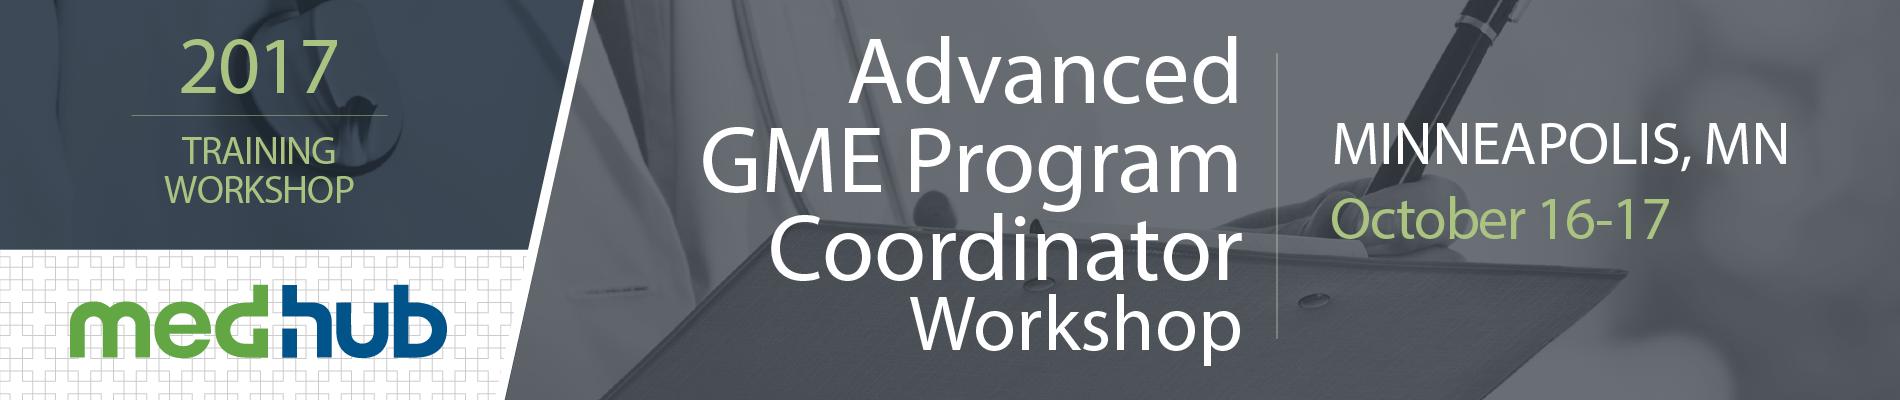 MedHub Advanced GME Program Coordinator Workshop (October 16-17)